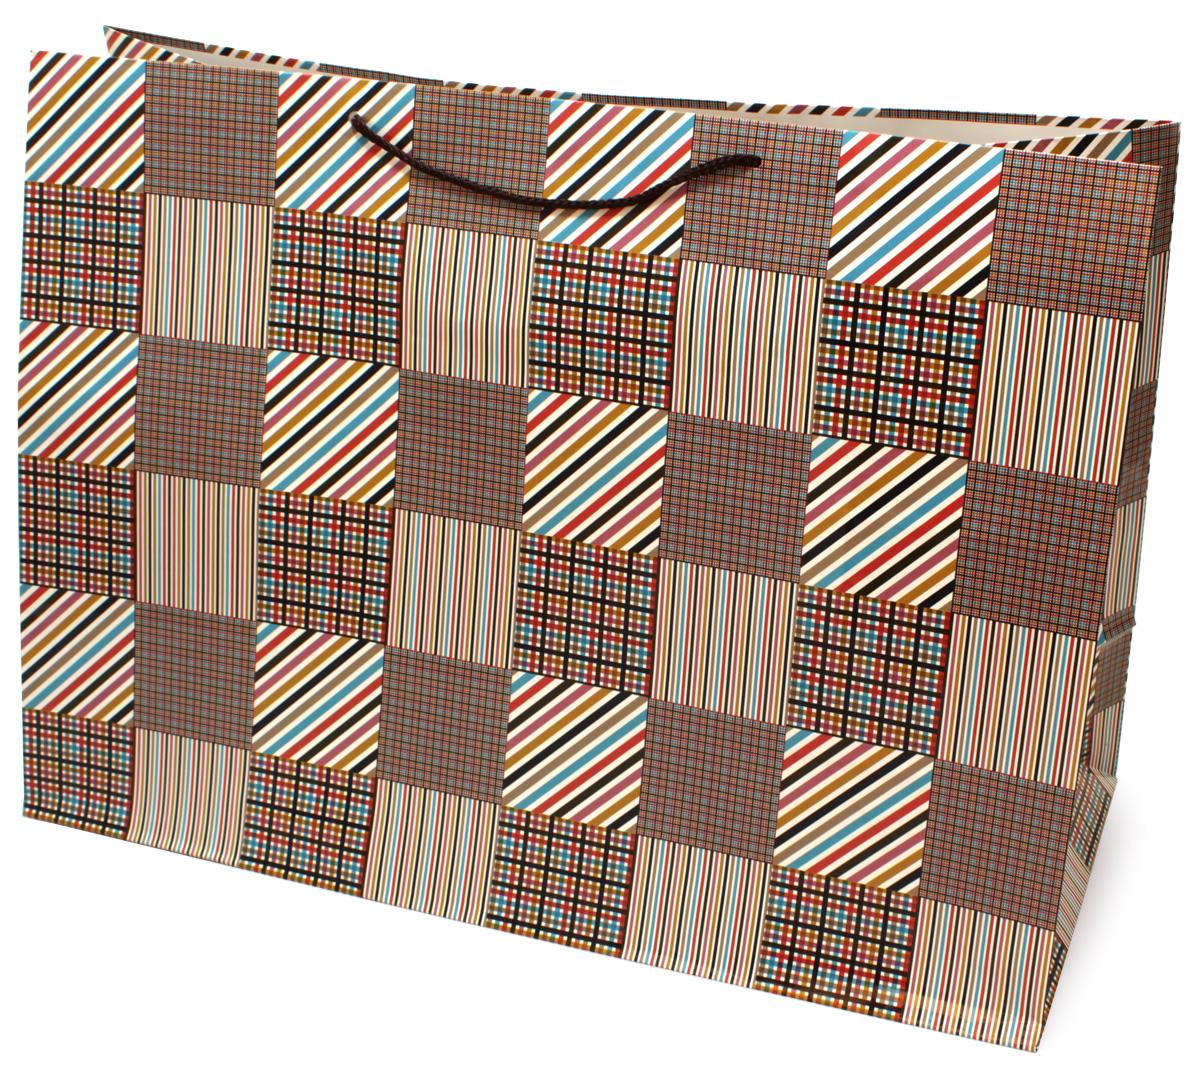 Пакет подарочный МегаМАГ Mix. Клетка, 56 х 41 х 24 см. 924/925 XXLH924/925 XXLHПодарочный пакет МегаМАГ, изготовленный из плотной ламинированной бумаги, станет незаменимым дополнением к выбранному подарку. Для удобной переноски на пакете имеются ручки-шнурки.Подарок, преподнесенный в оригинальной упаковке, всегда будет самым эффектным и запоминающимся. Окружите близких людей вниманием и заботой, вручив презент в нарядном, праздничном оформлении.